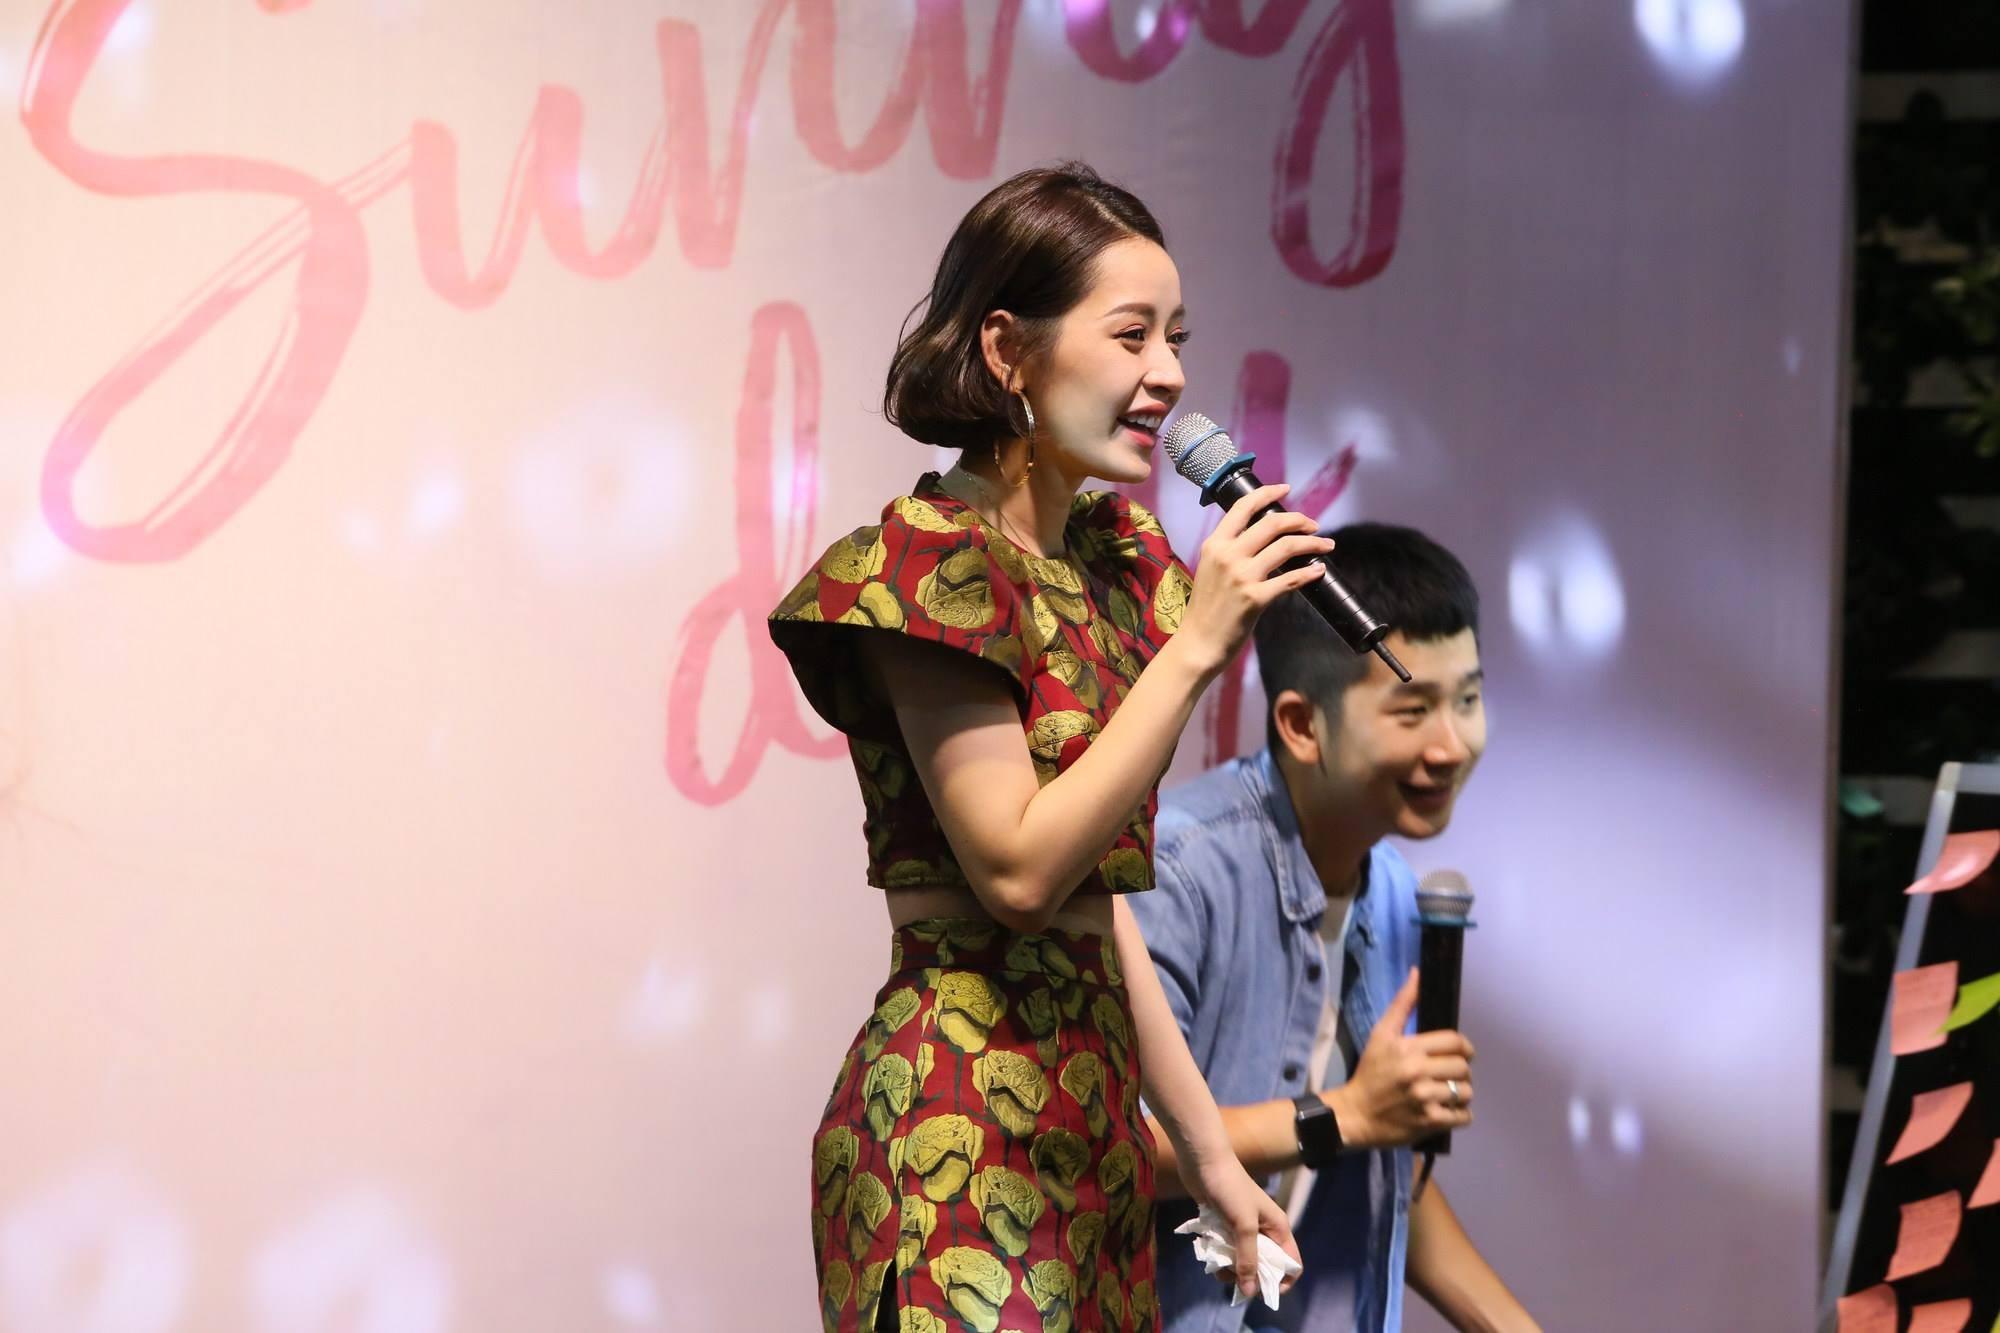 Chi Pu lại bị chê hát live dở tệ khi cover hit 'Người hãy quên em đi' của Mỹ Tâm - Ảnh 1